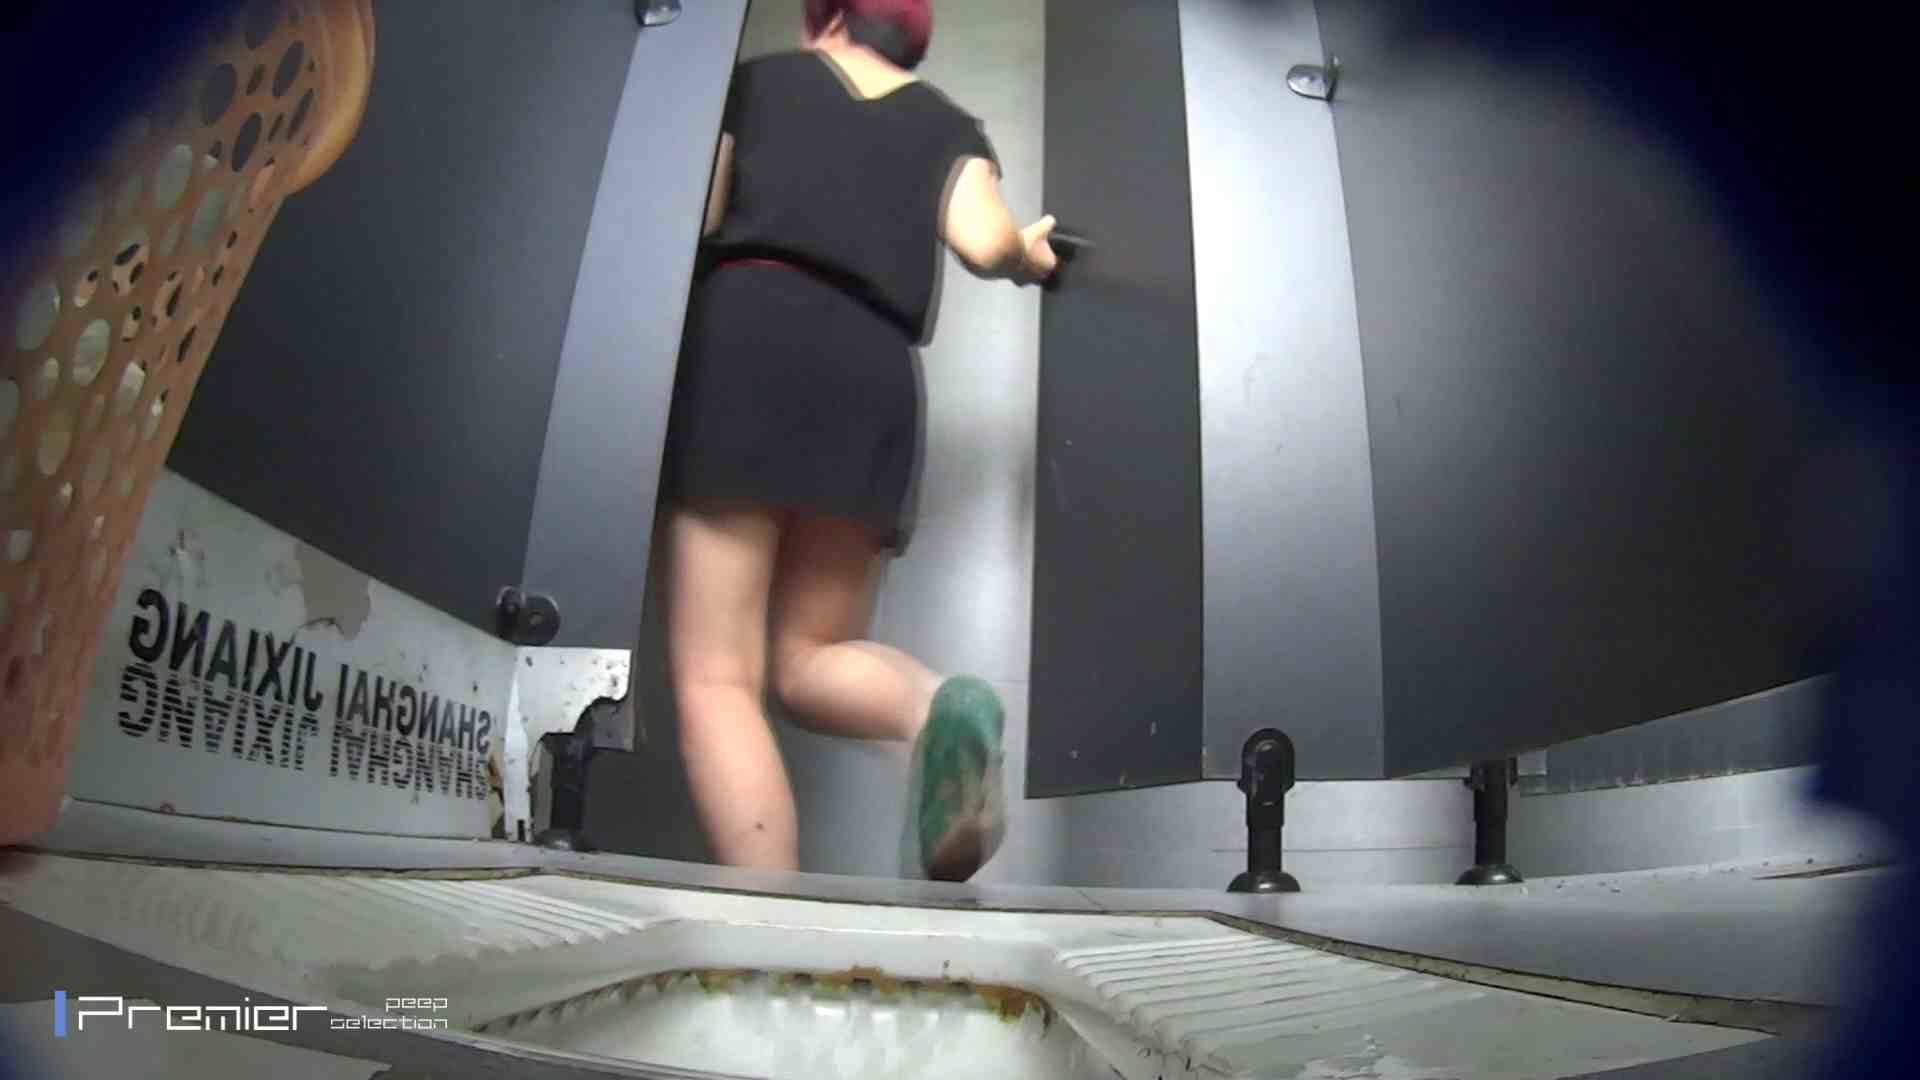 びゅーっと!オシッコ放出 大学休憩時間の洗面所事情47 盛合せ われめAV動画紹介 105画像 36